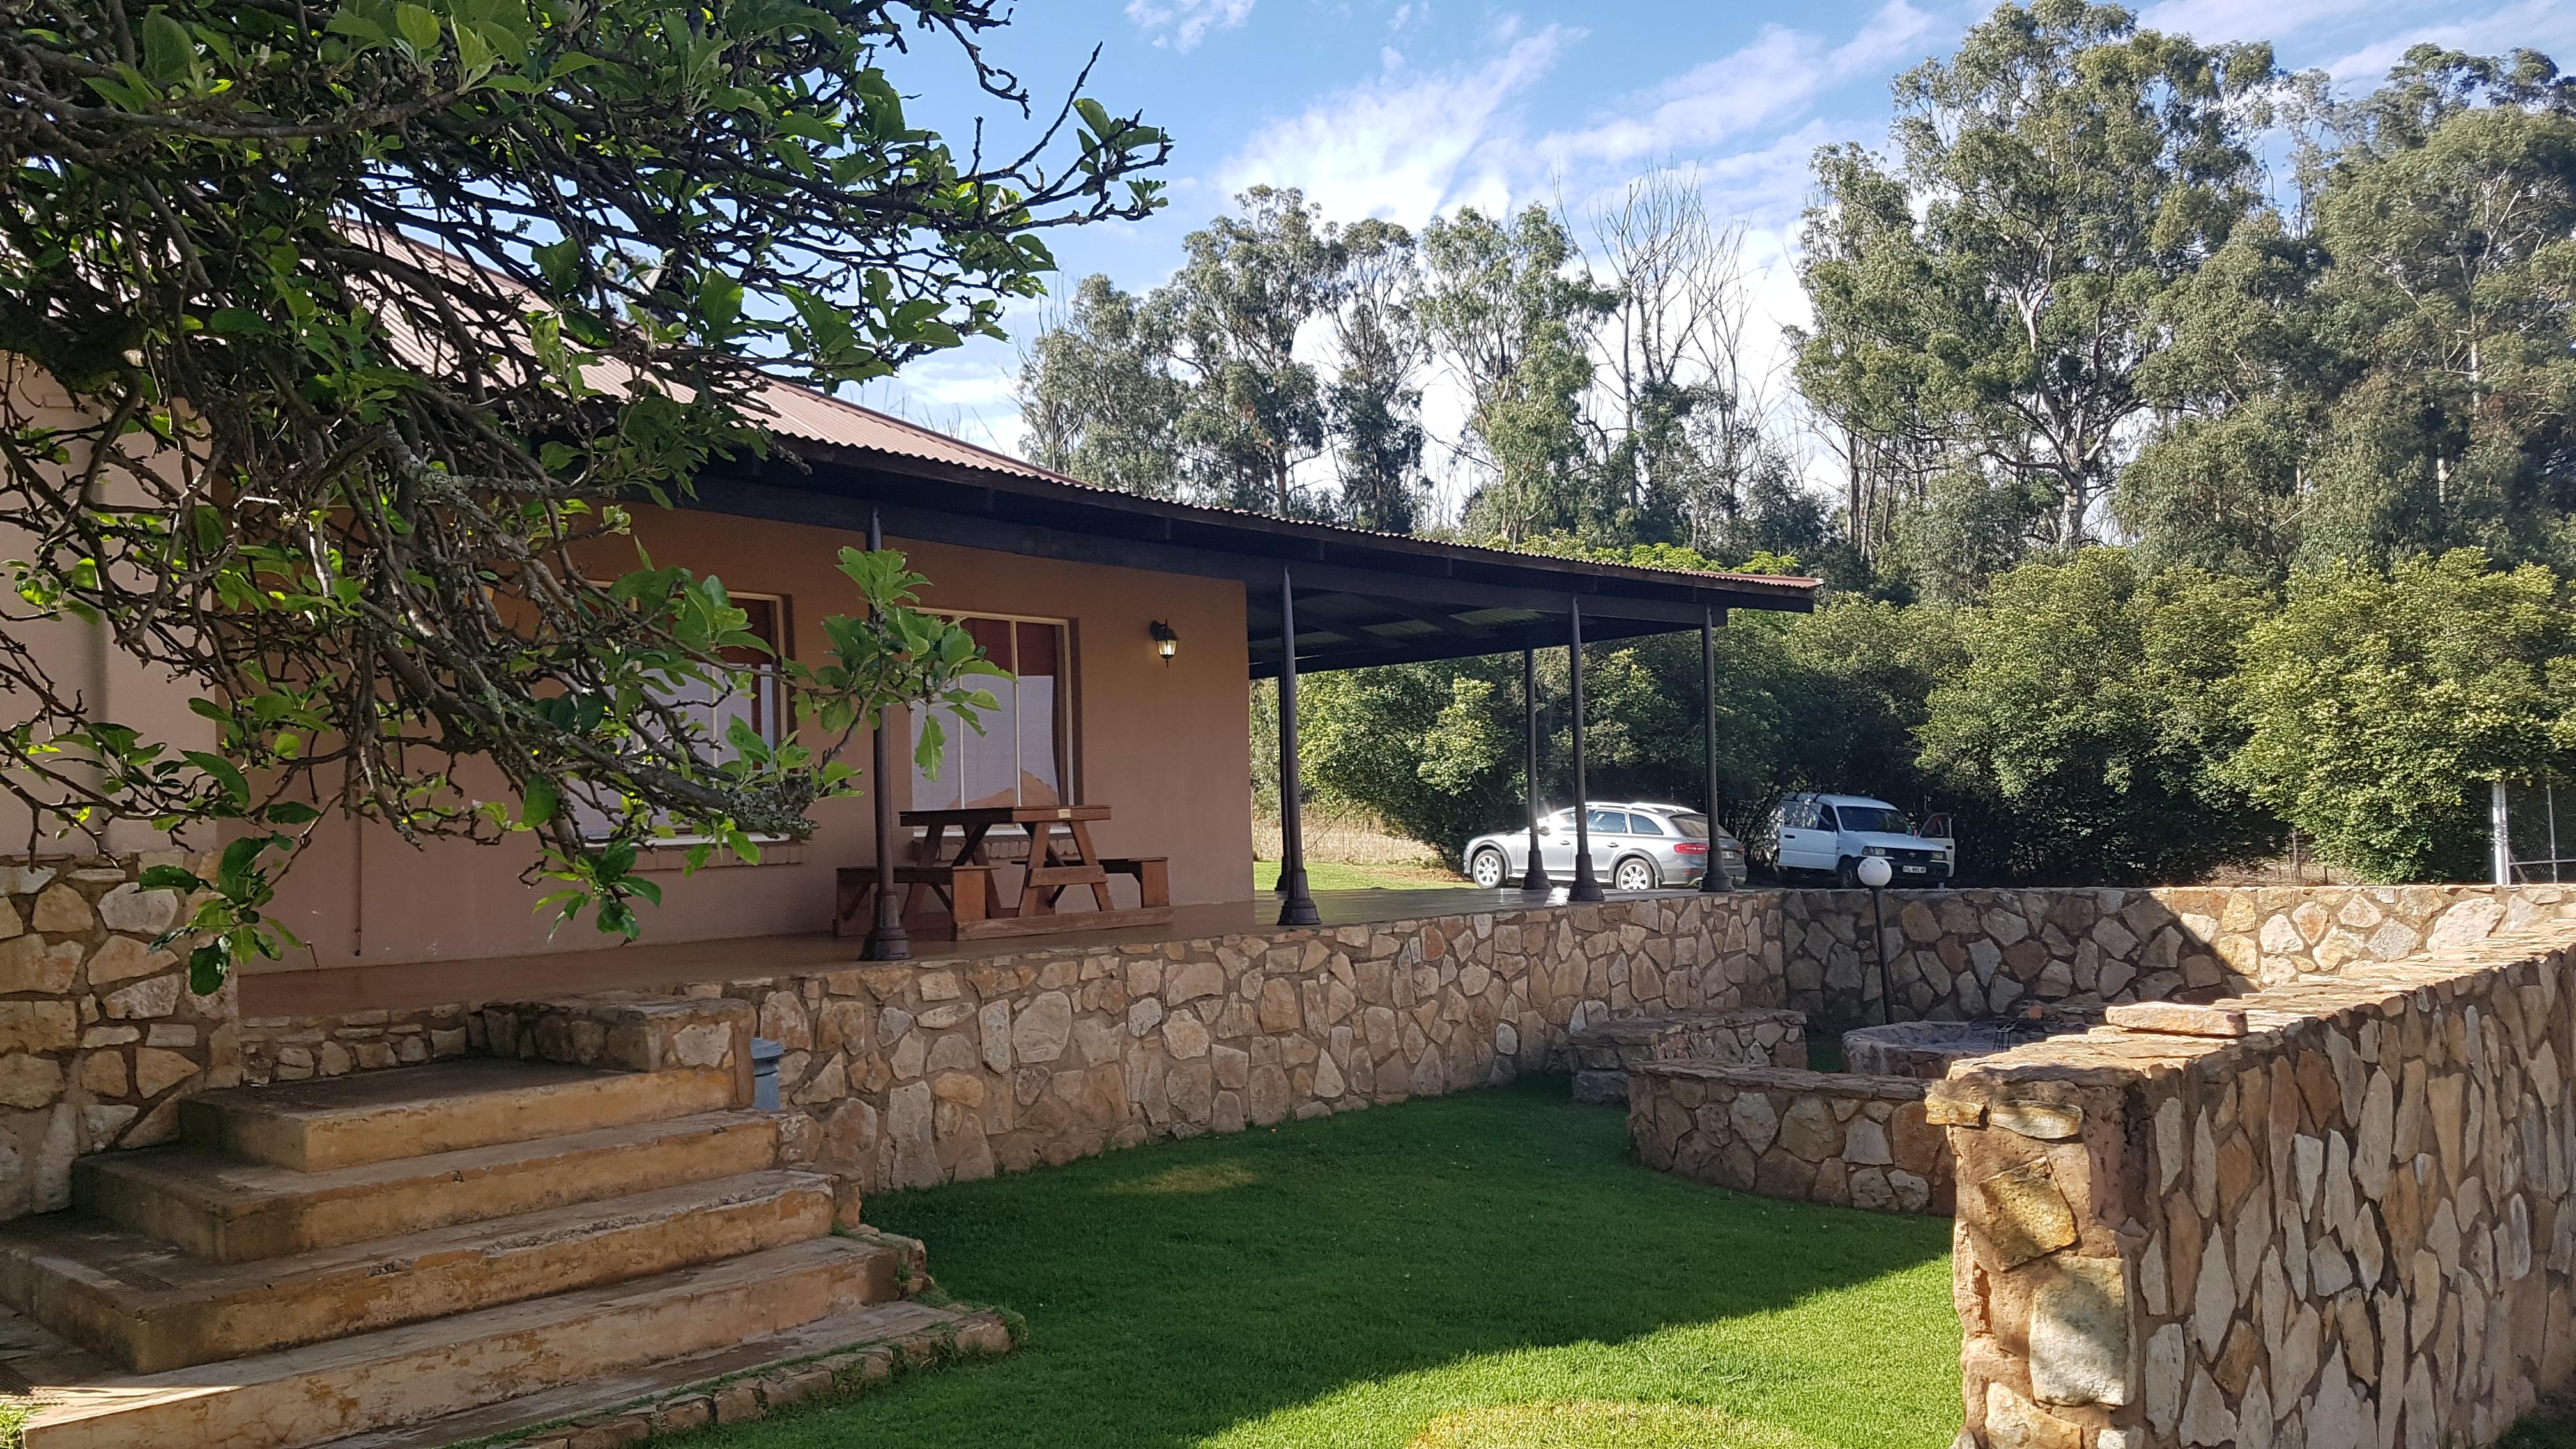 The Farmhouse Nov 2019